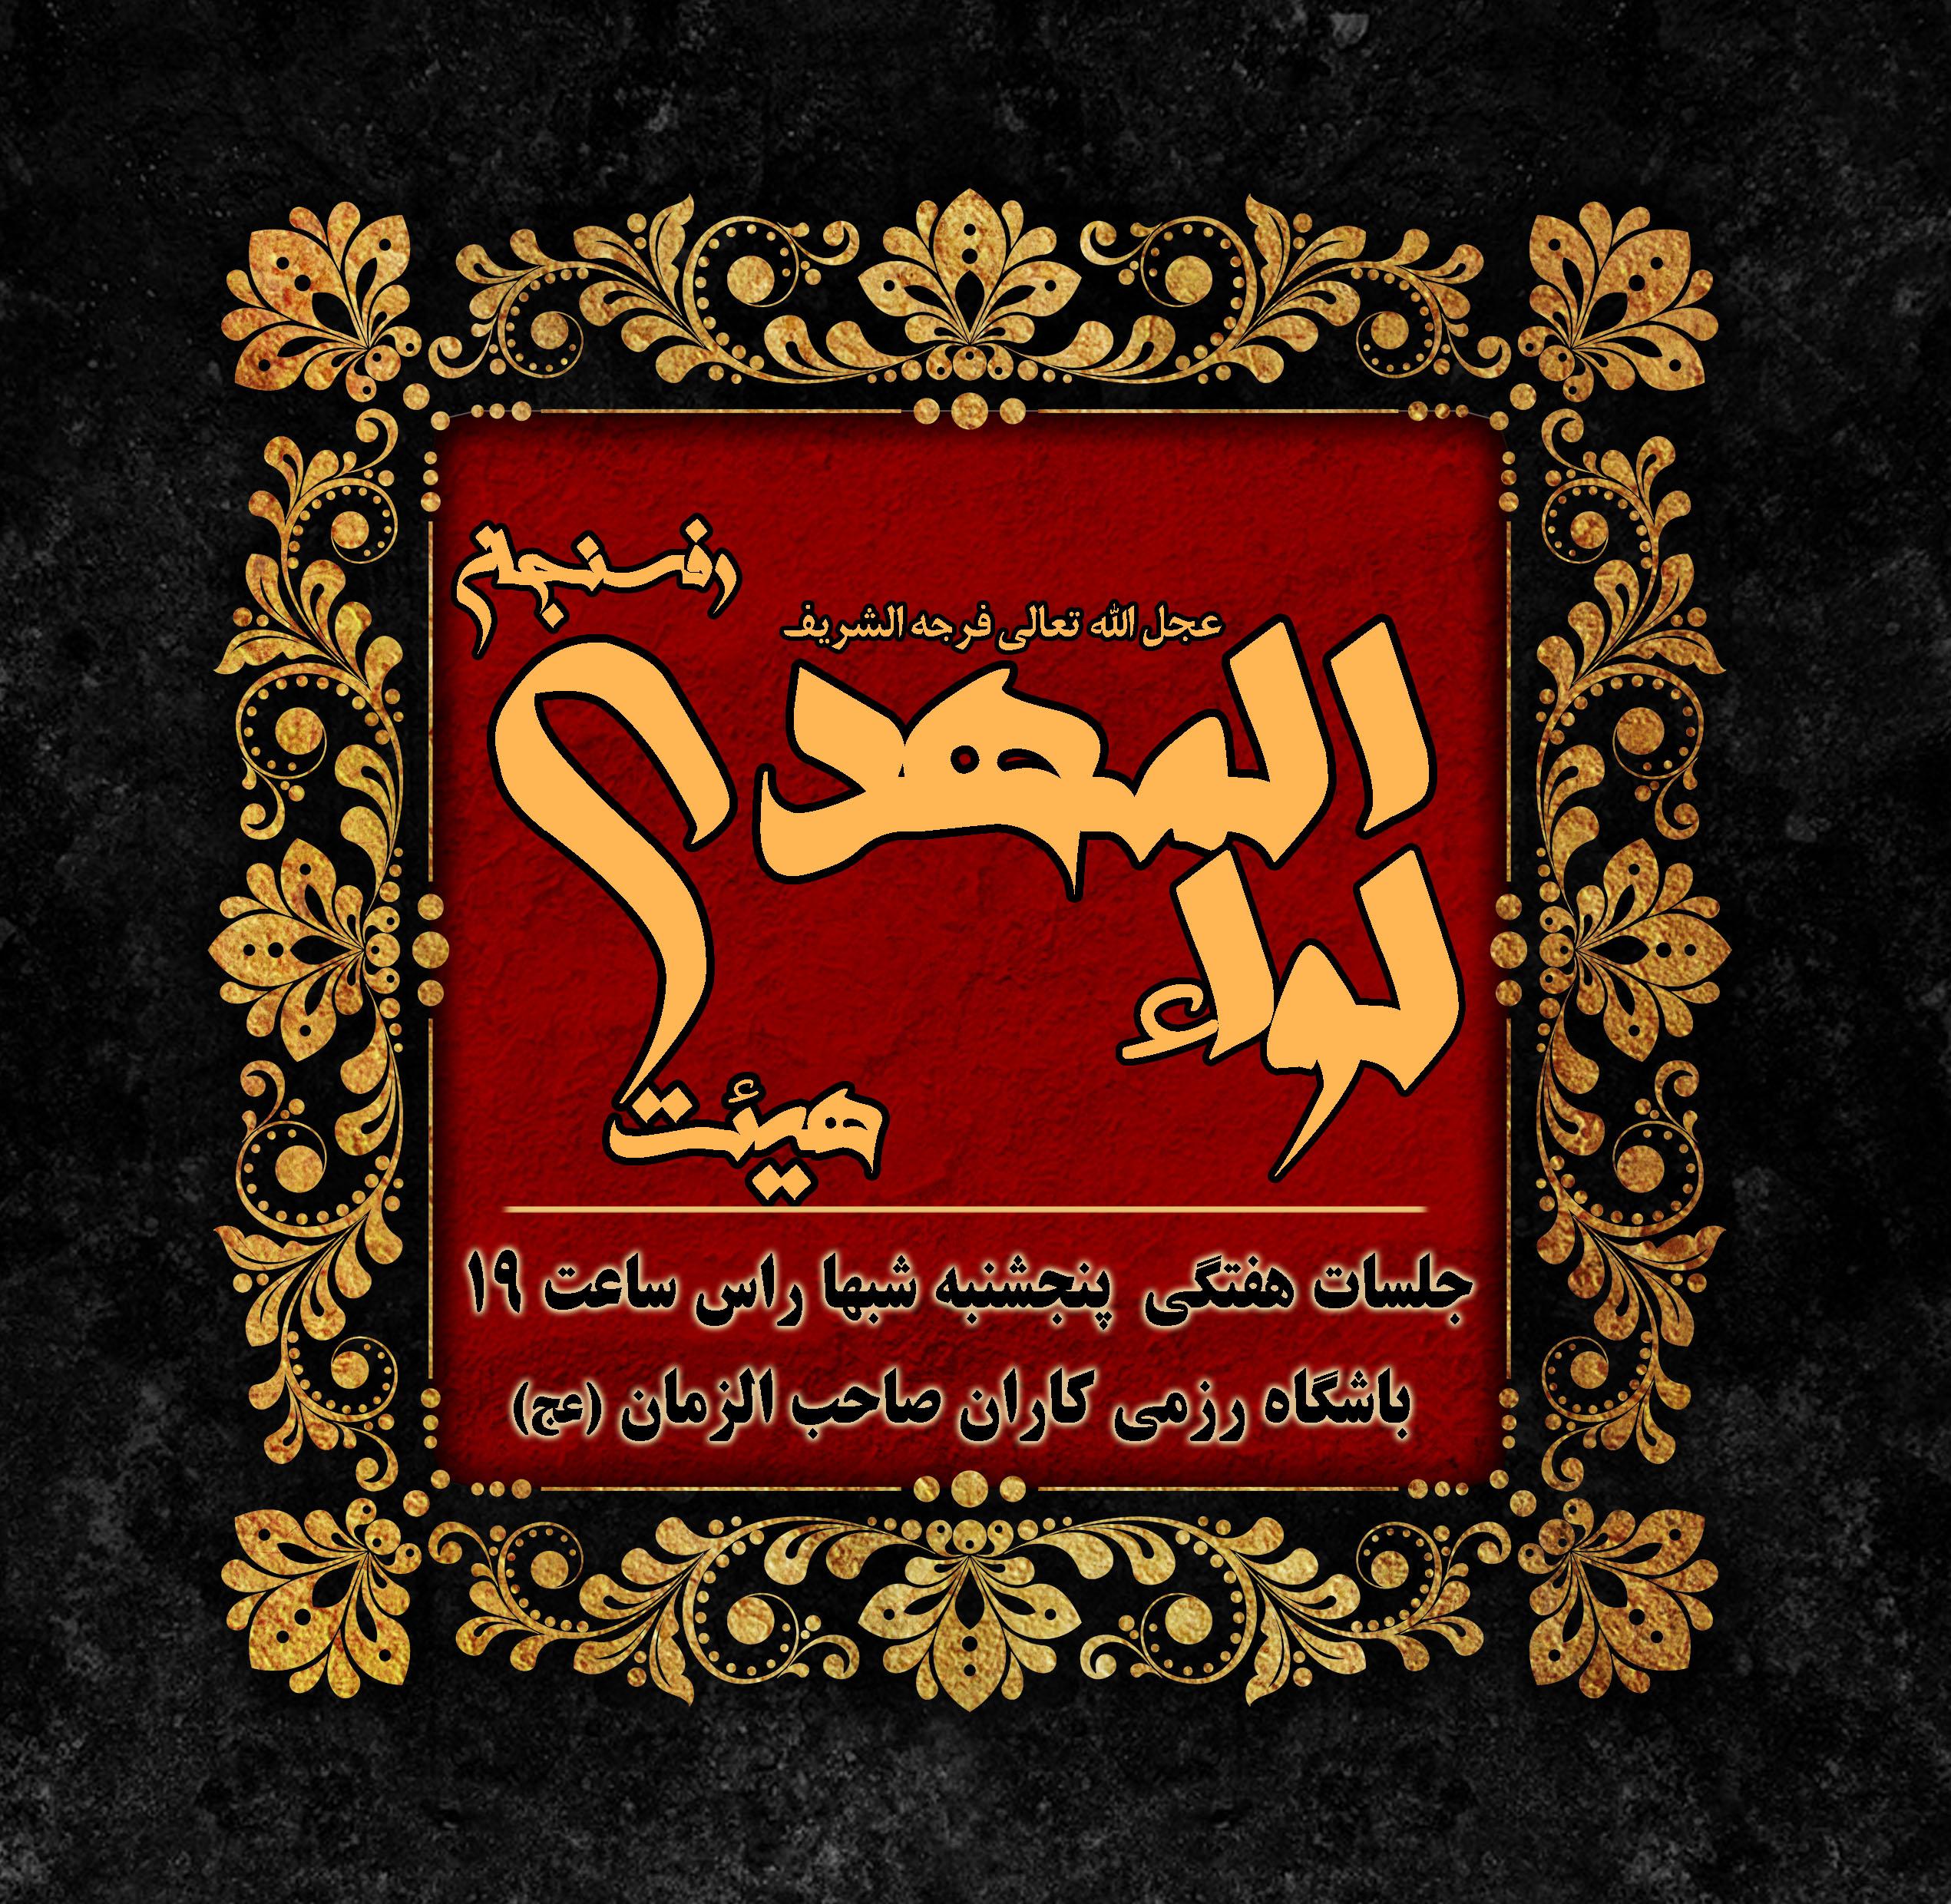 گزارش صوتی جشن عید مبعث